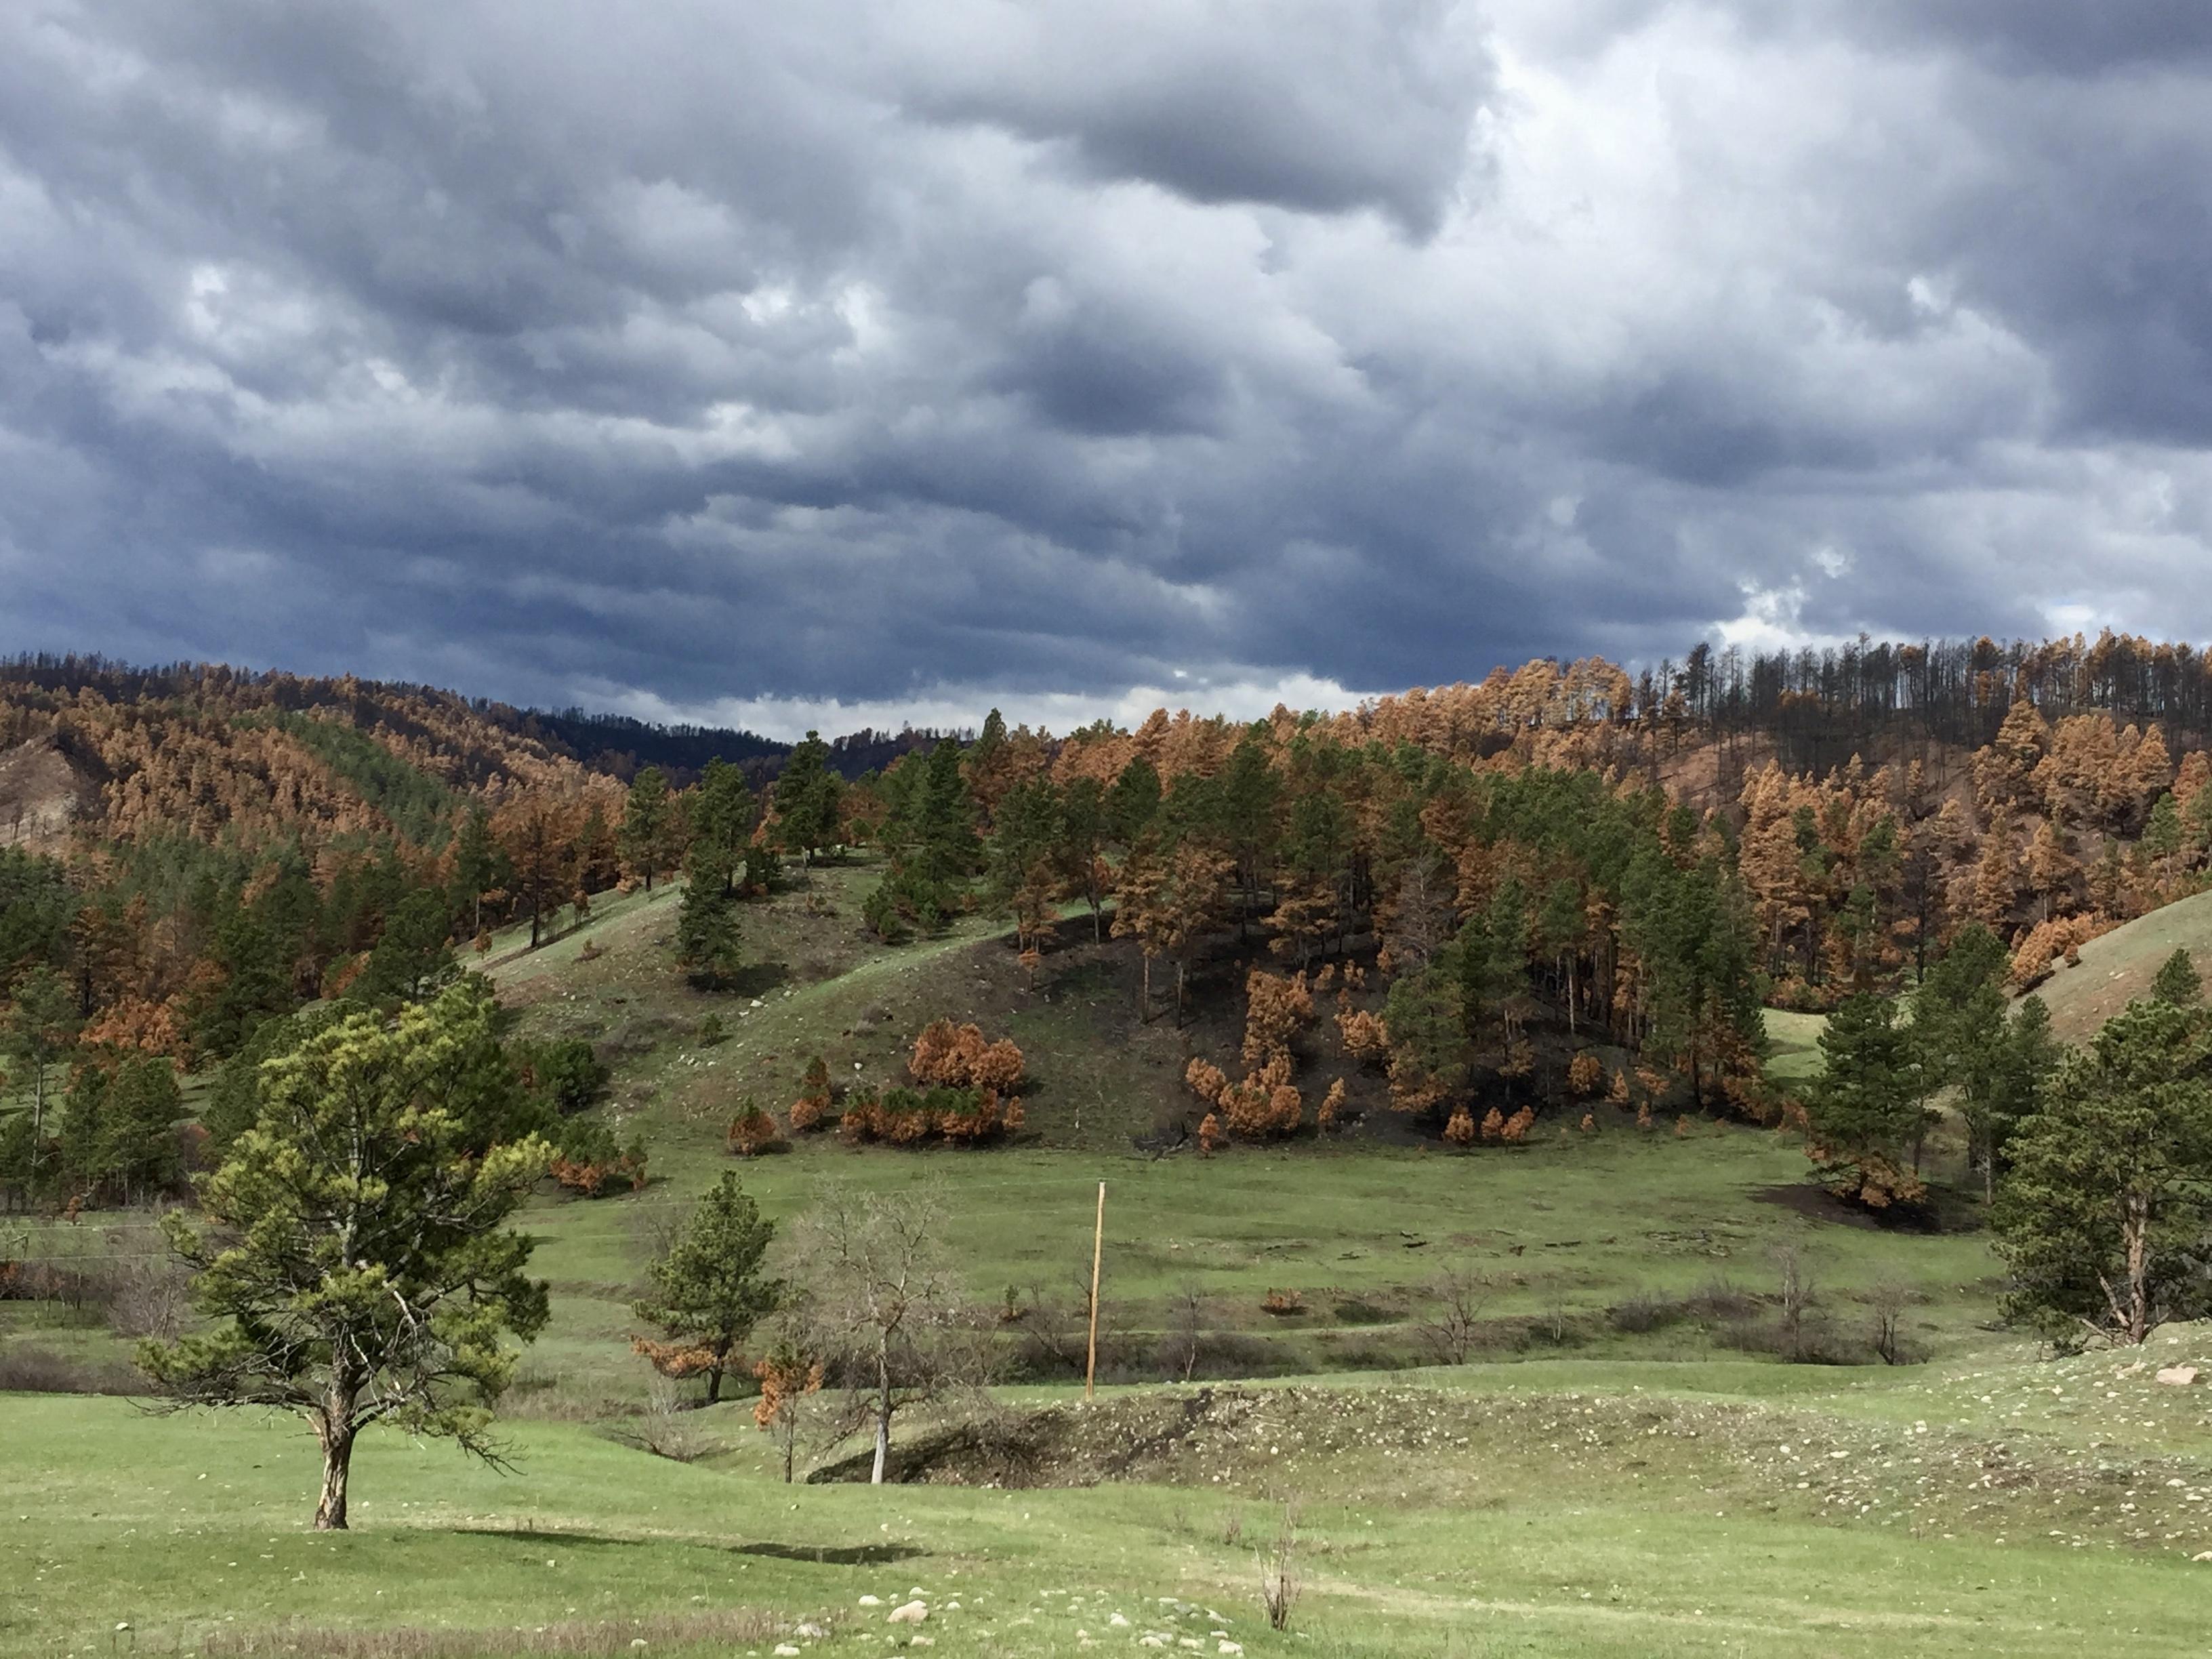 Dunkle Gewitterwolken hängen über den Hügeln des Custer State Parks - die Bäume auf den Hügeln sind halb verbrannt und braun, nur manche sind noch grün